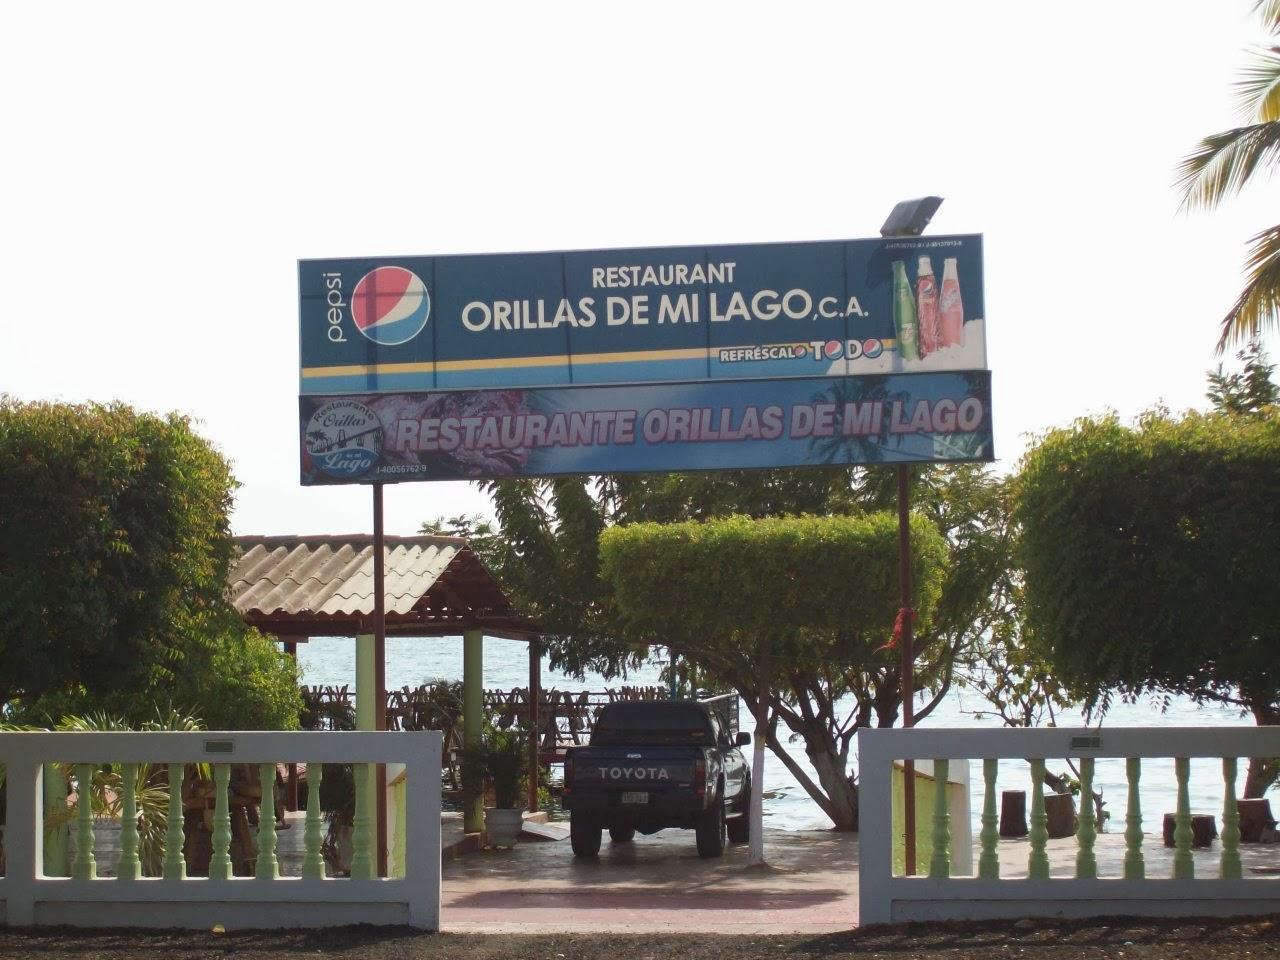 RESTAURANT ORILLAS DE MI LAGO, C.A